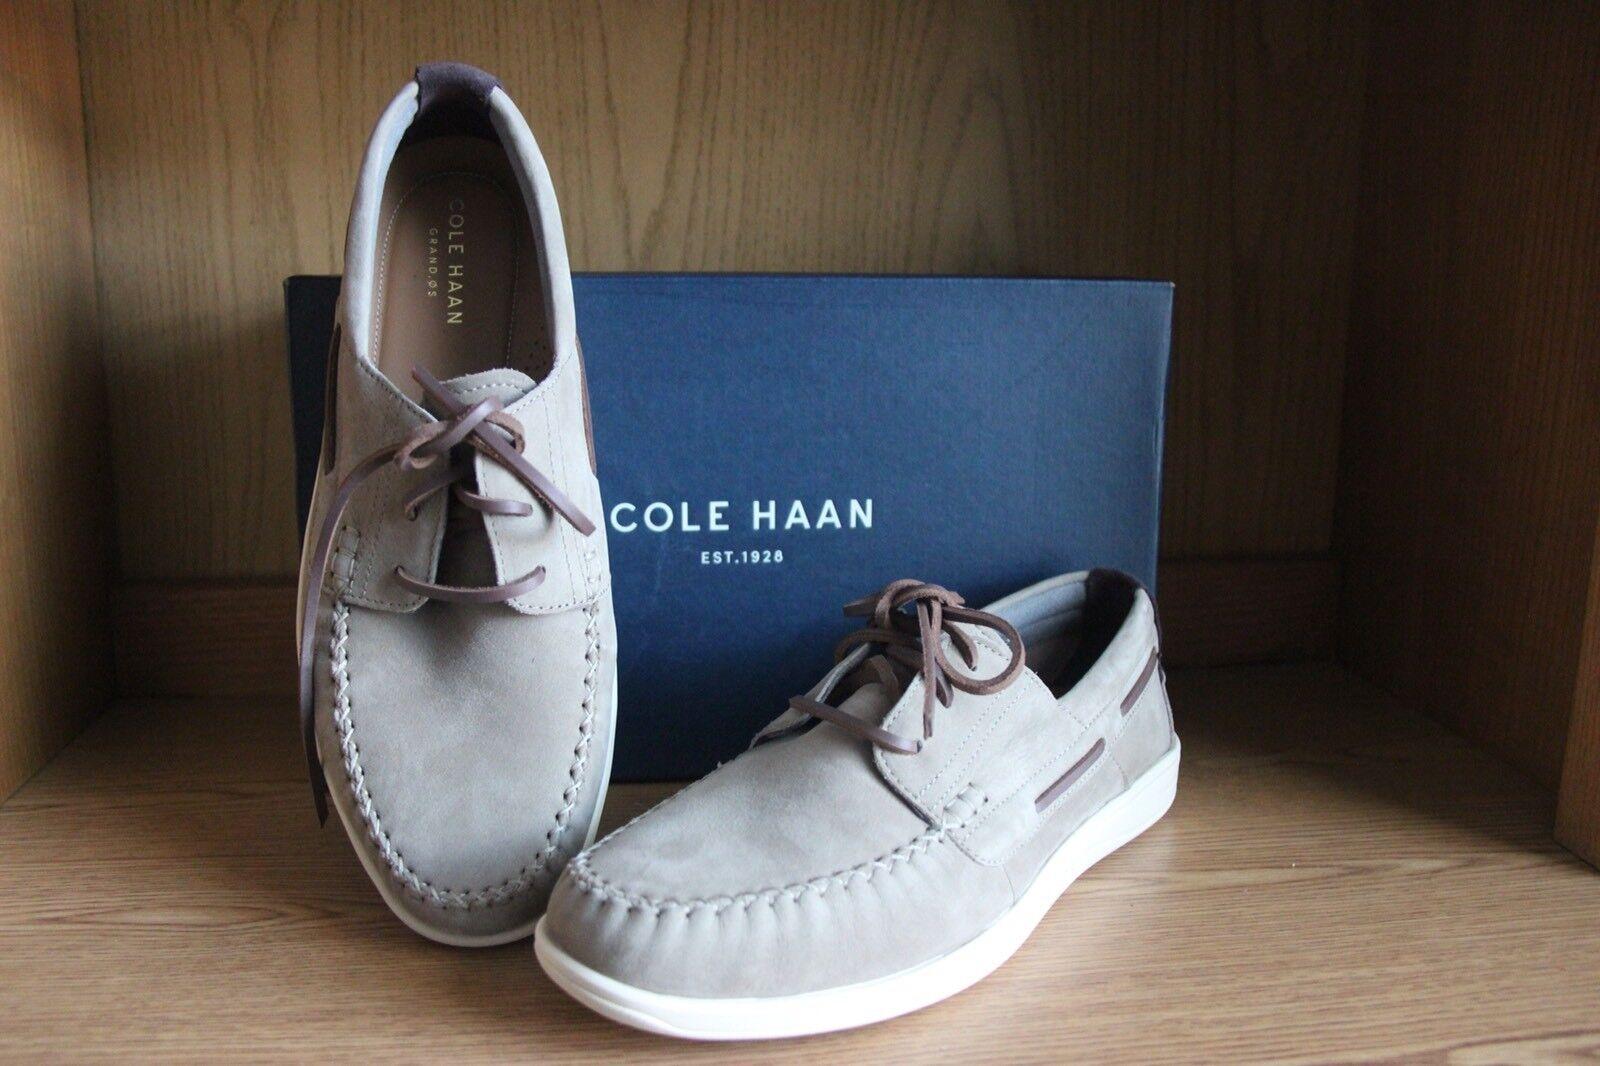 Cole Haan avviohbay Boat scarpe Sea Otter Tan Men Dimensione 10  C24688